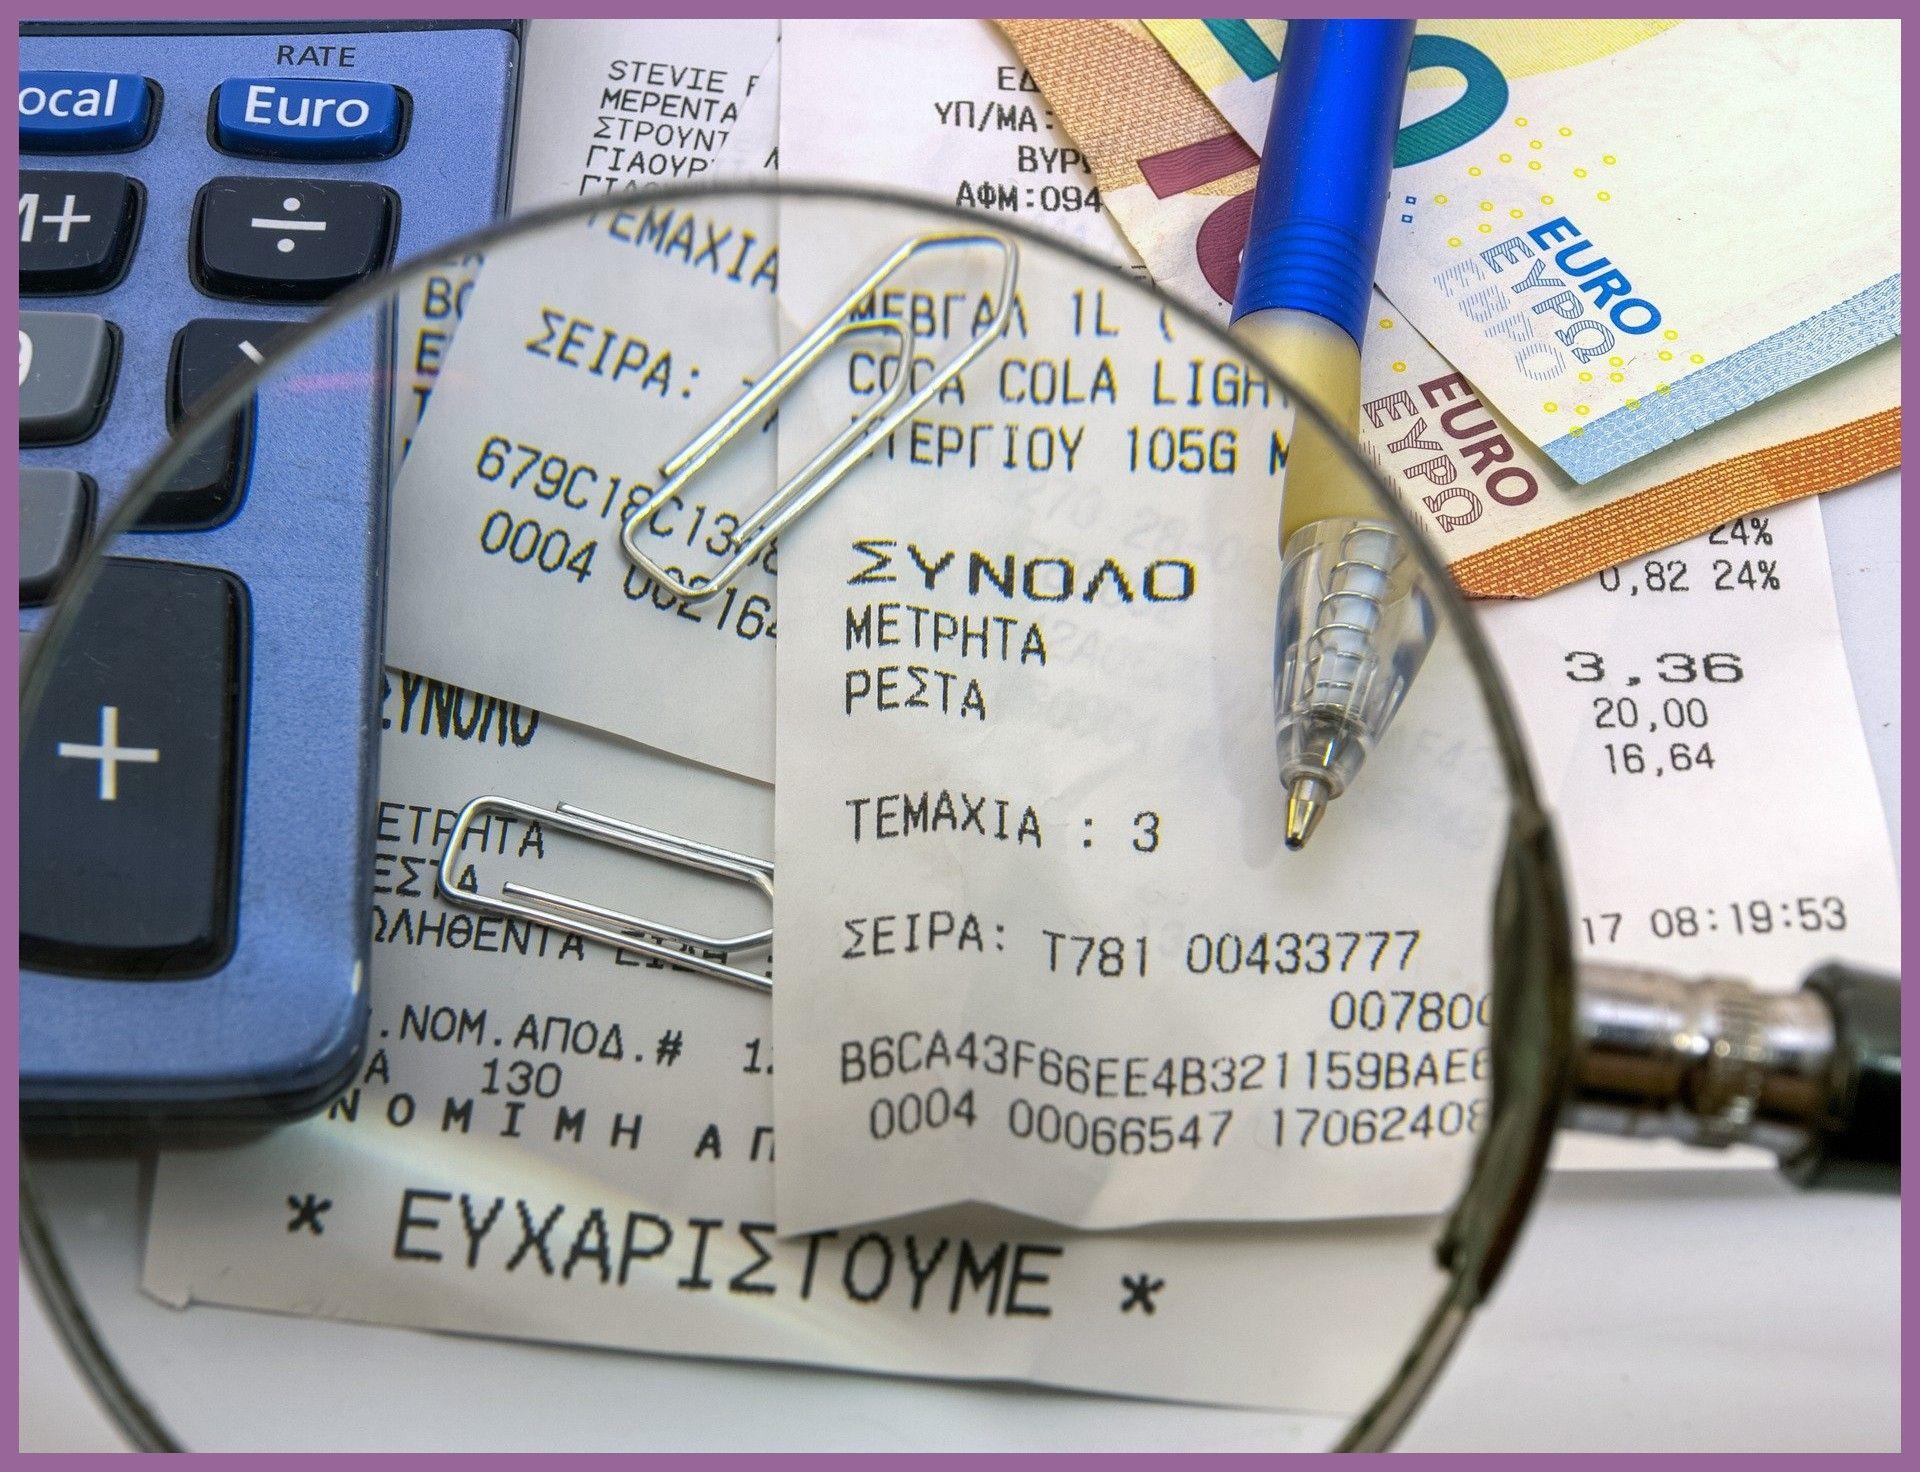 Receipts Tax Office Bank Notes Quittungen Finanzamt